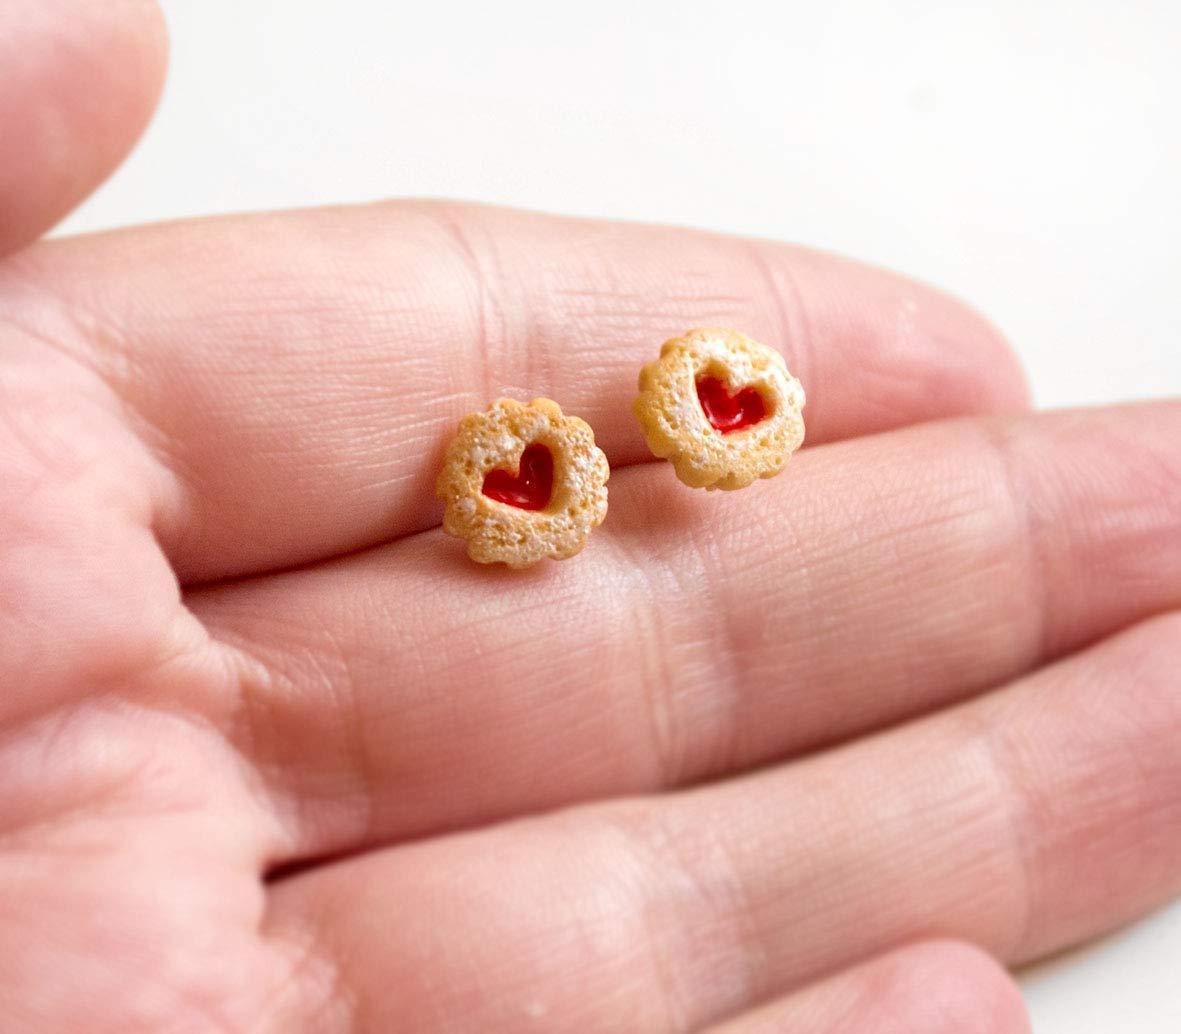 Marmeladenkeks Ohrstecker - MINI - Weihnachten: Amazon.de: Handmade